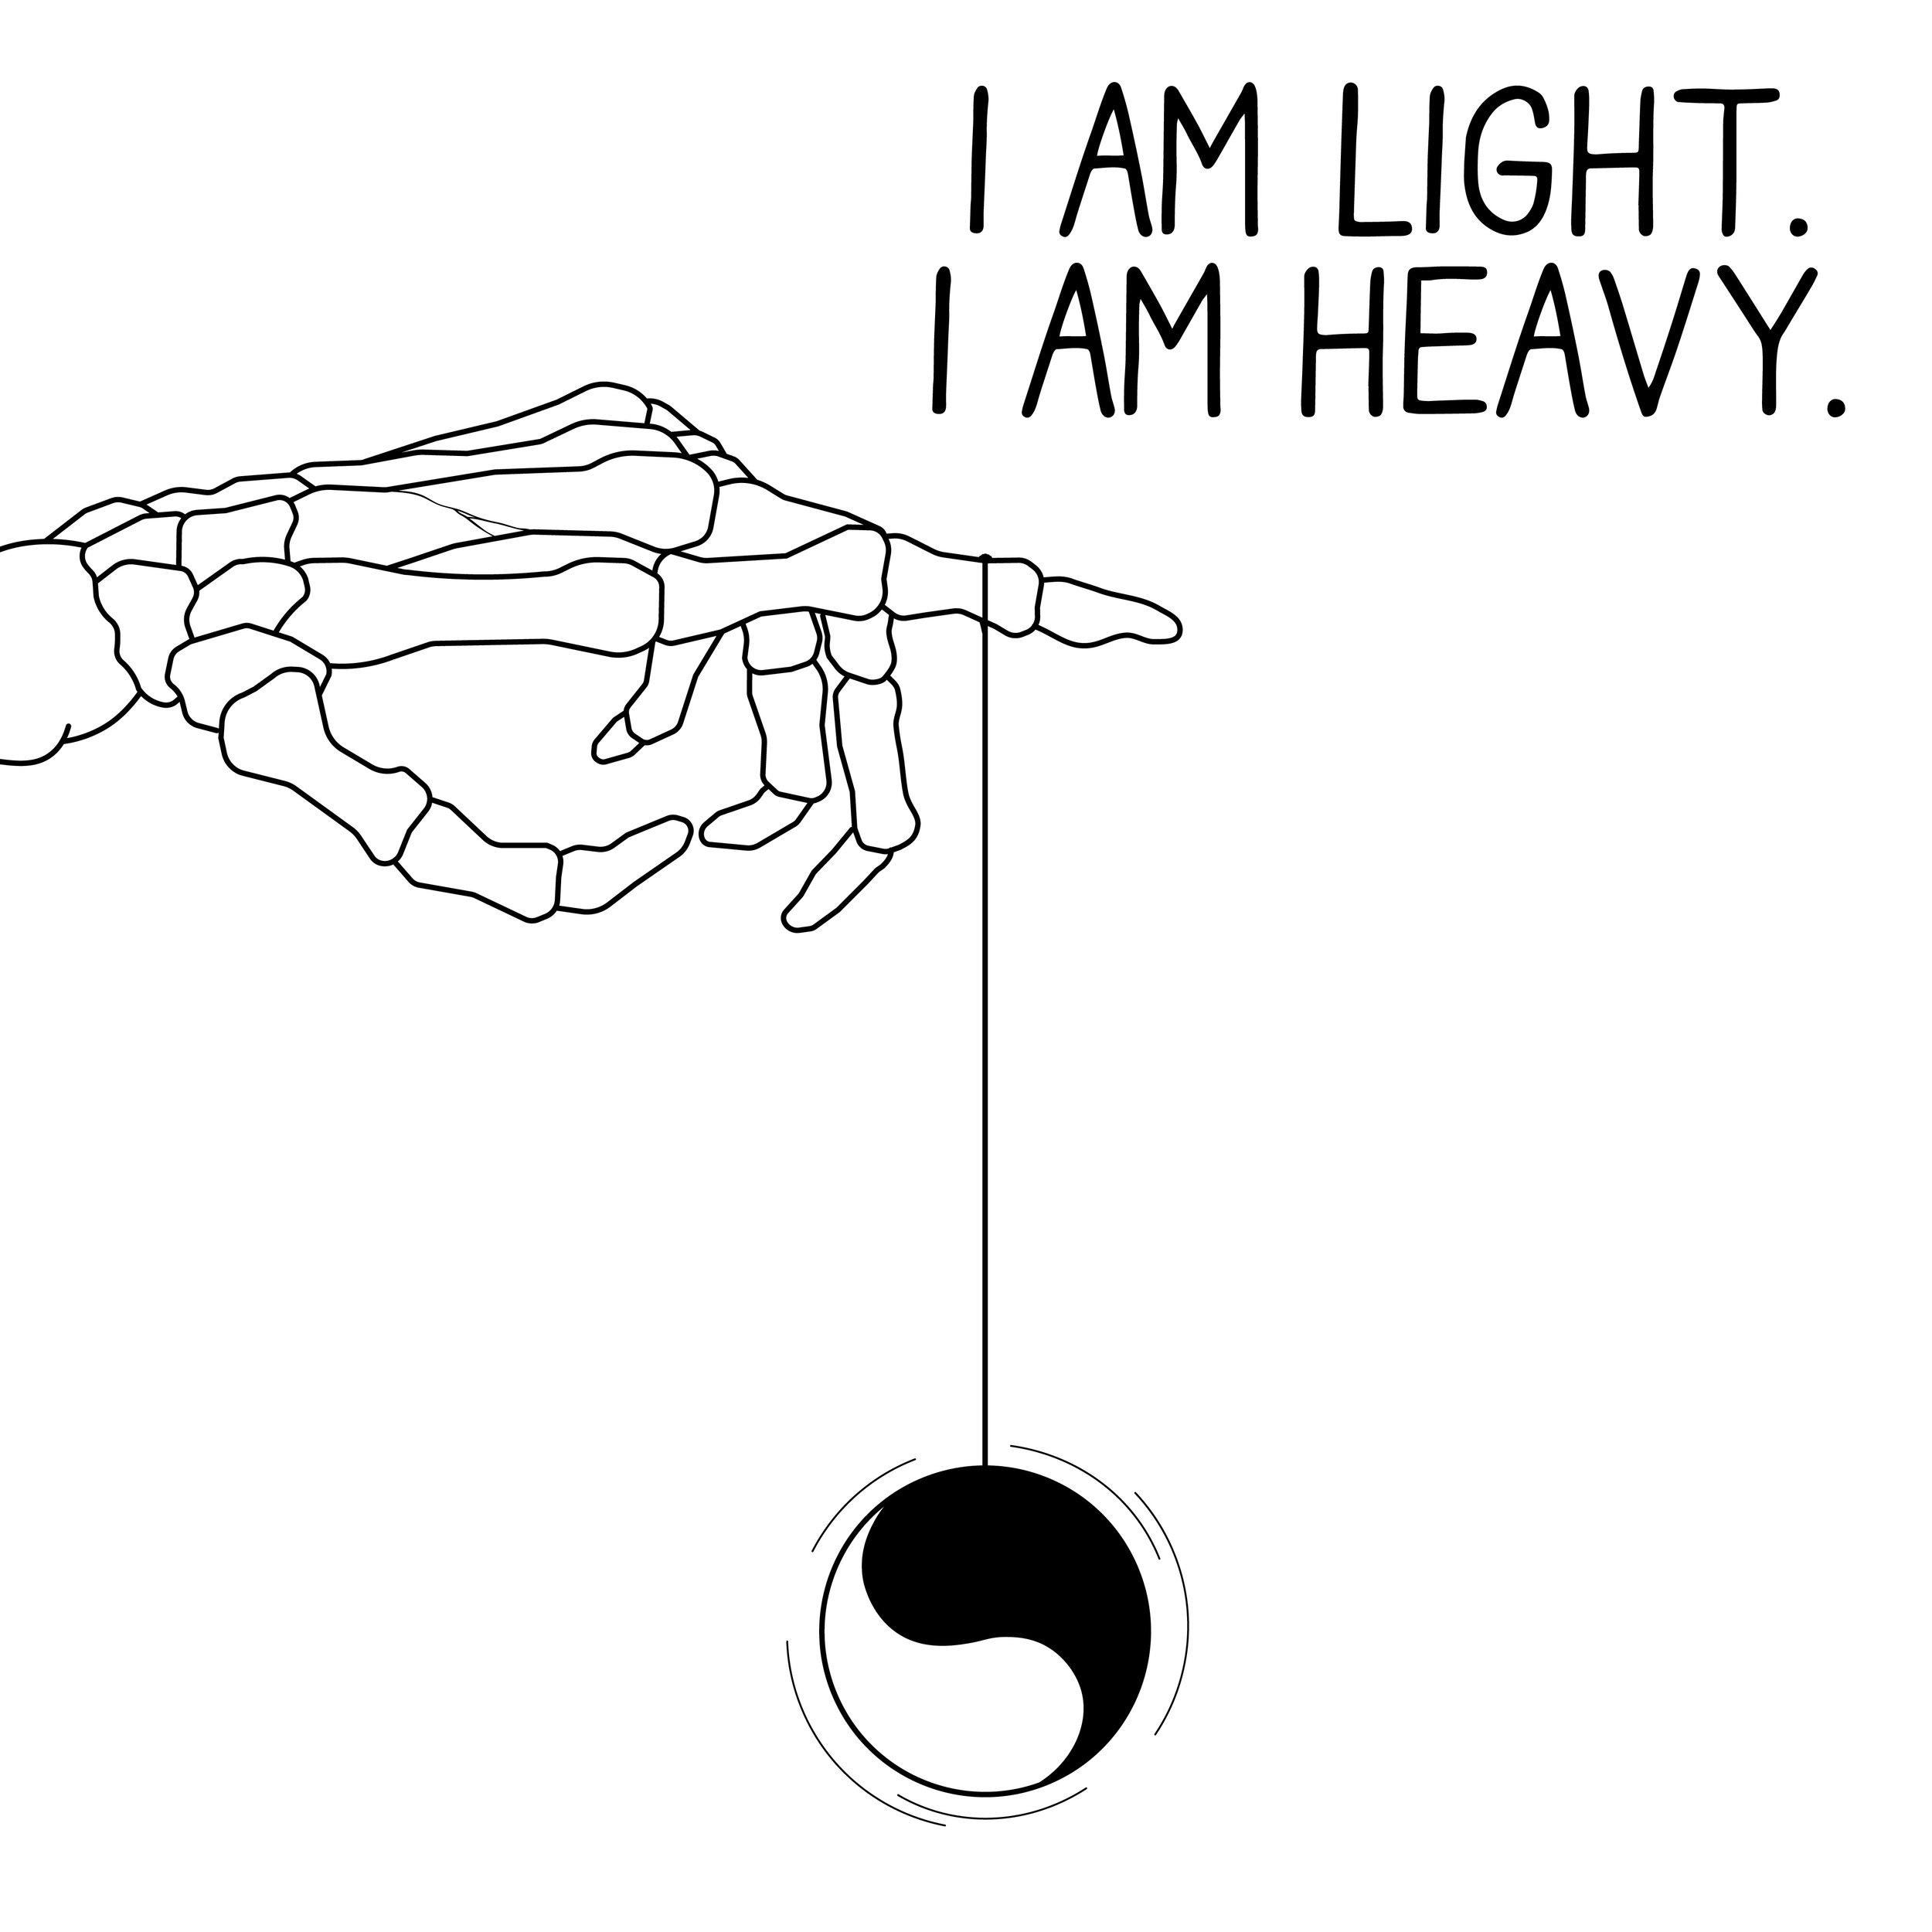 iamlightiamheavy-01.jpg